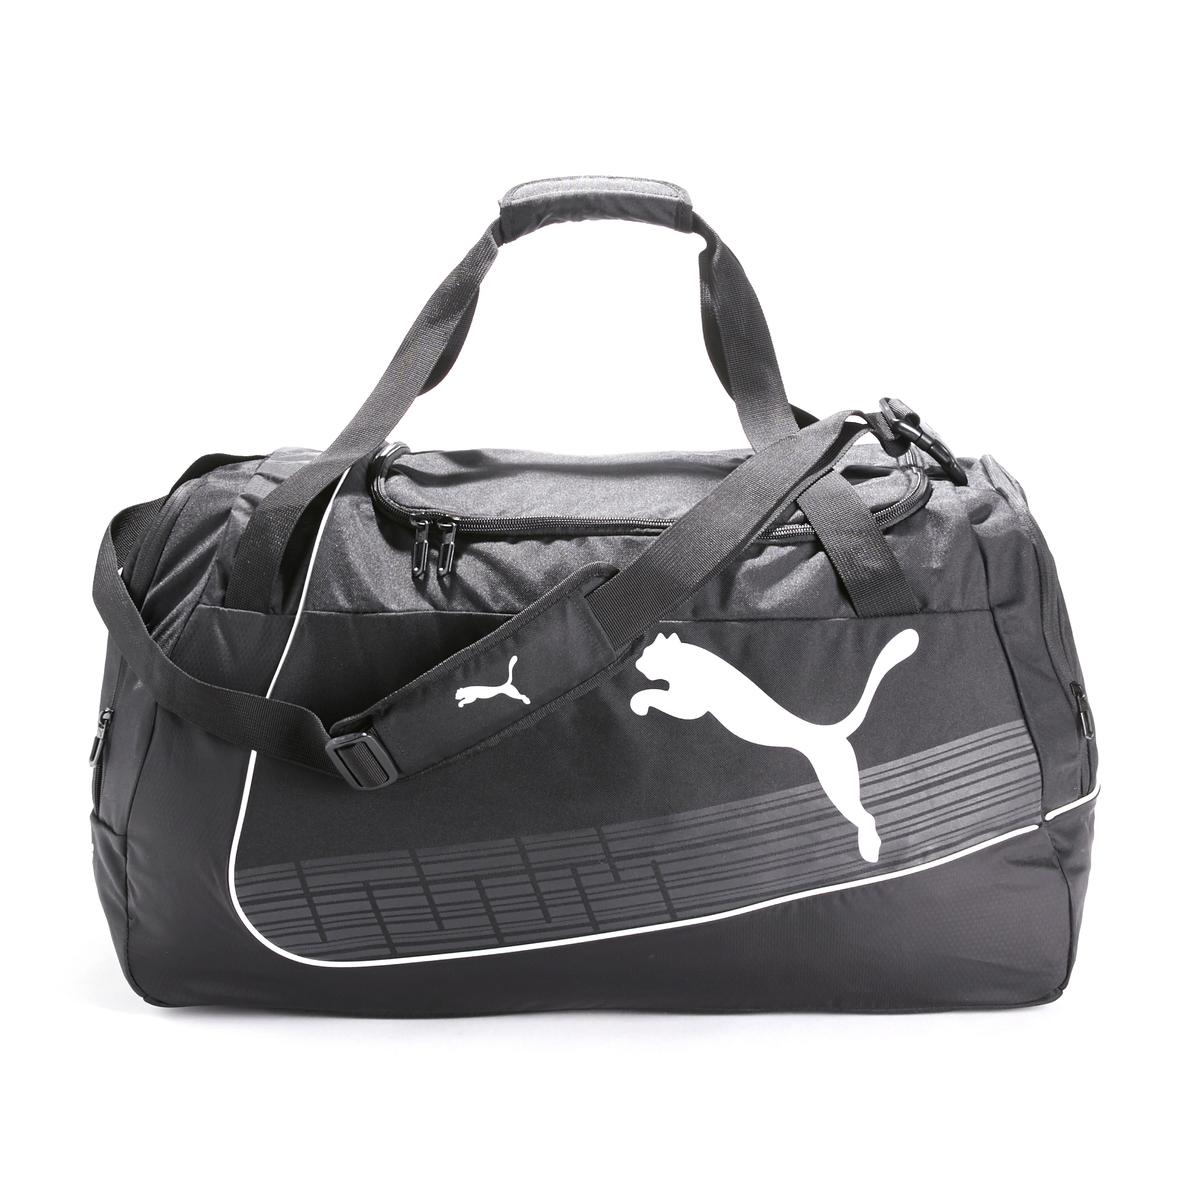 Borsa sportiva Evopower Large Bag